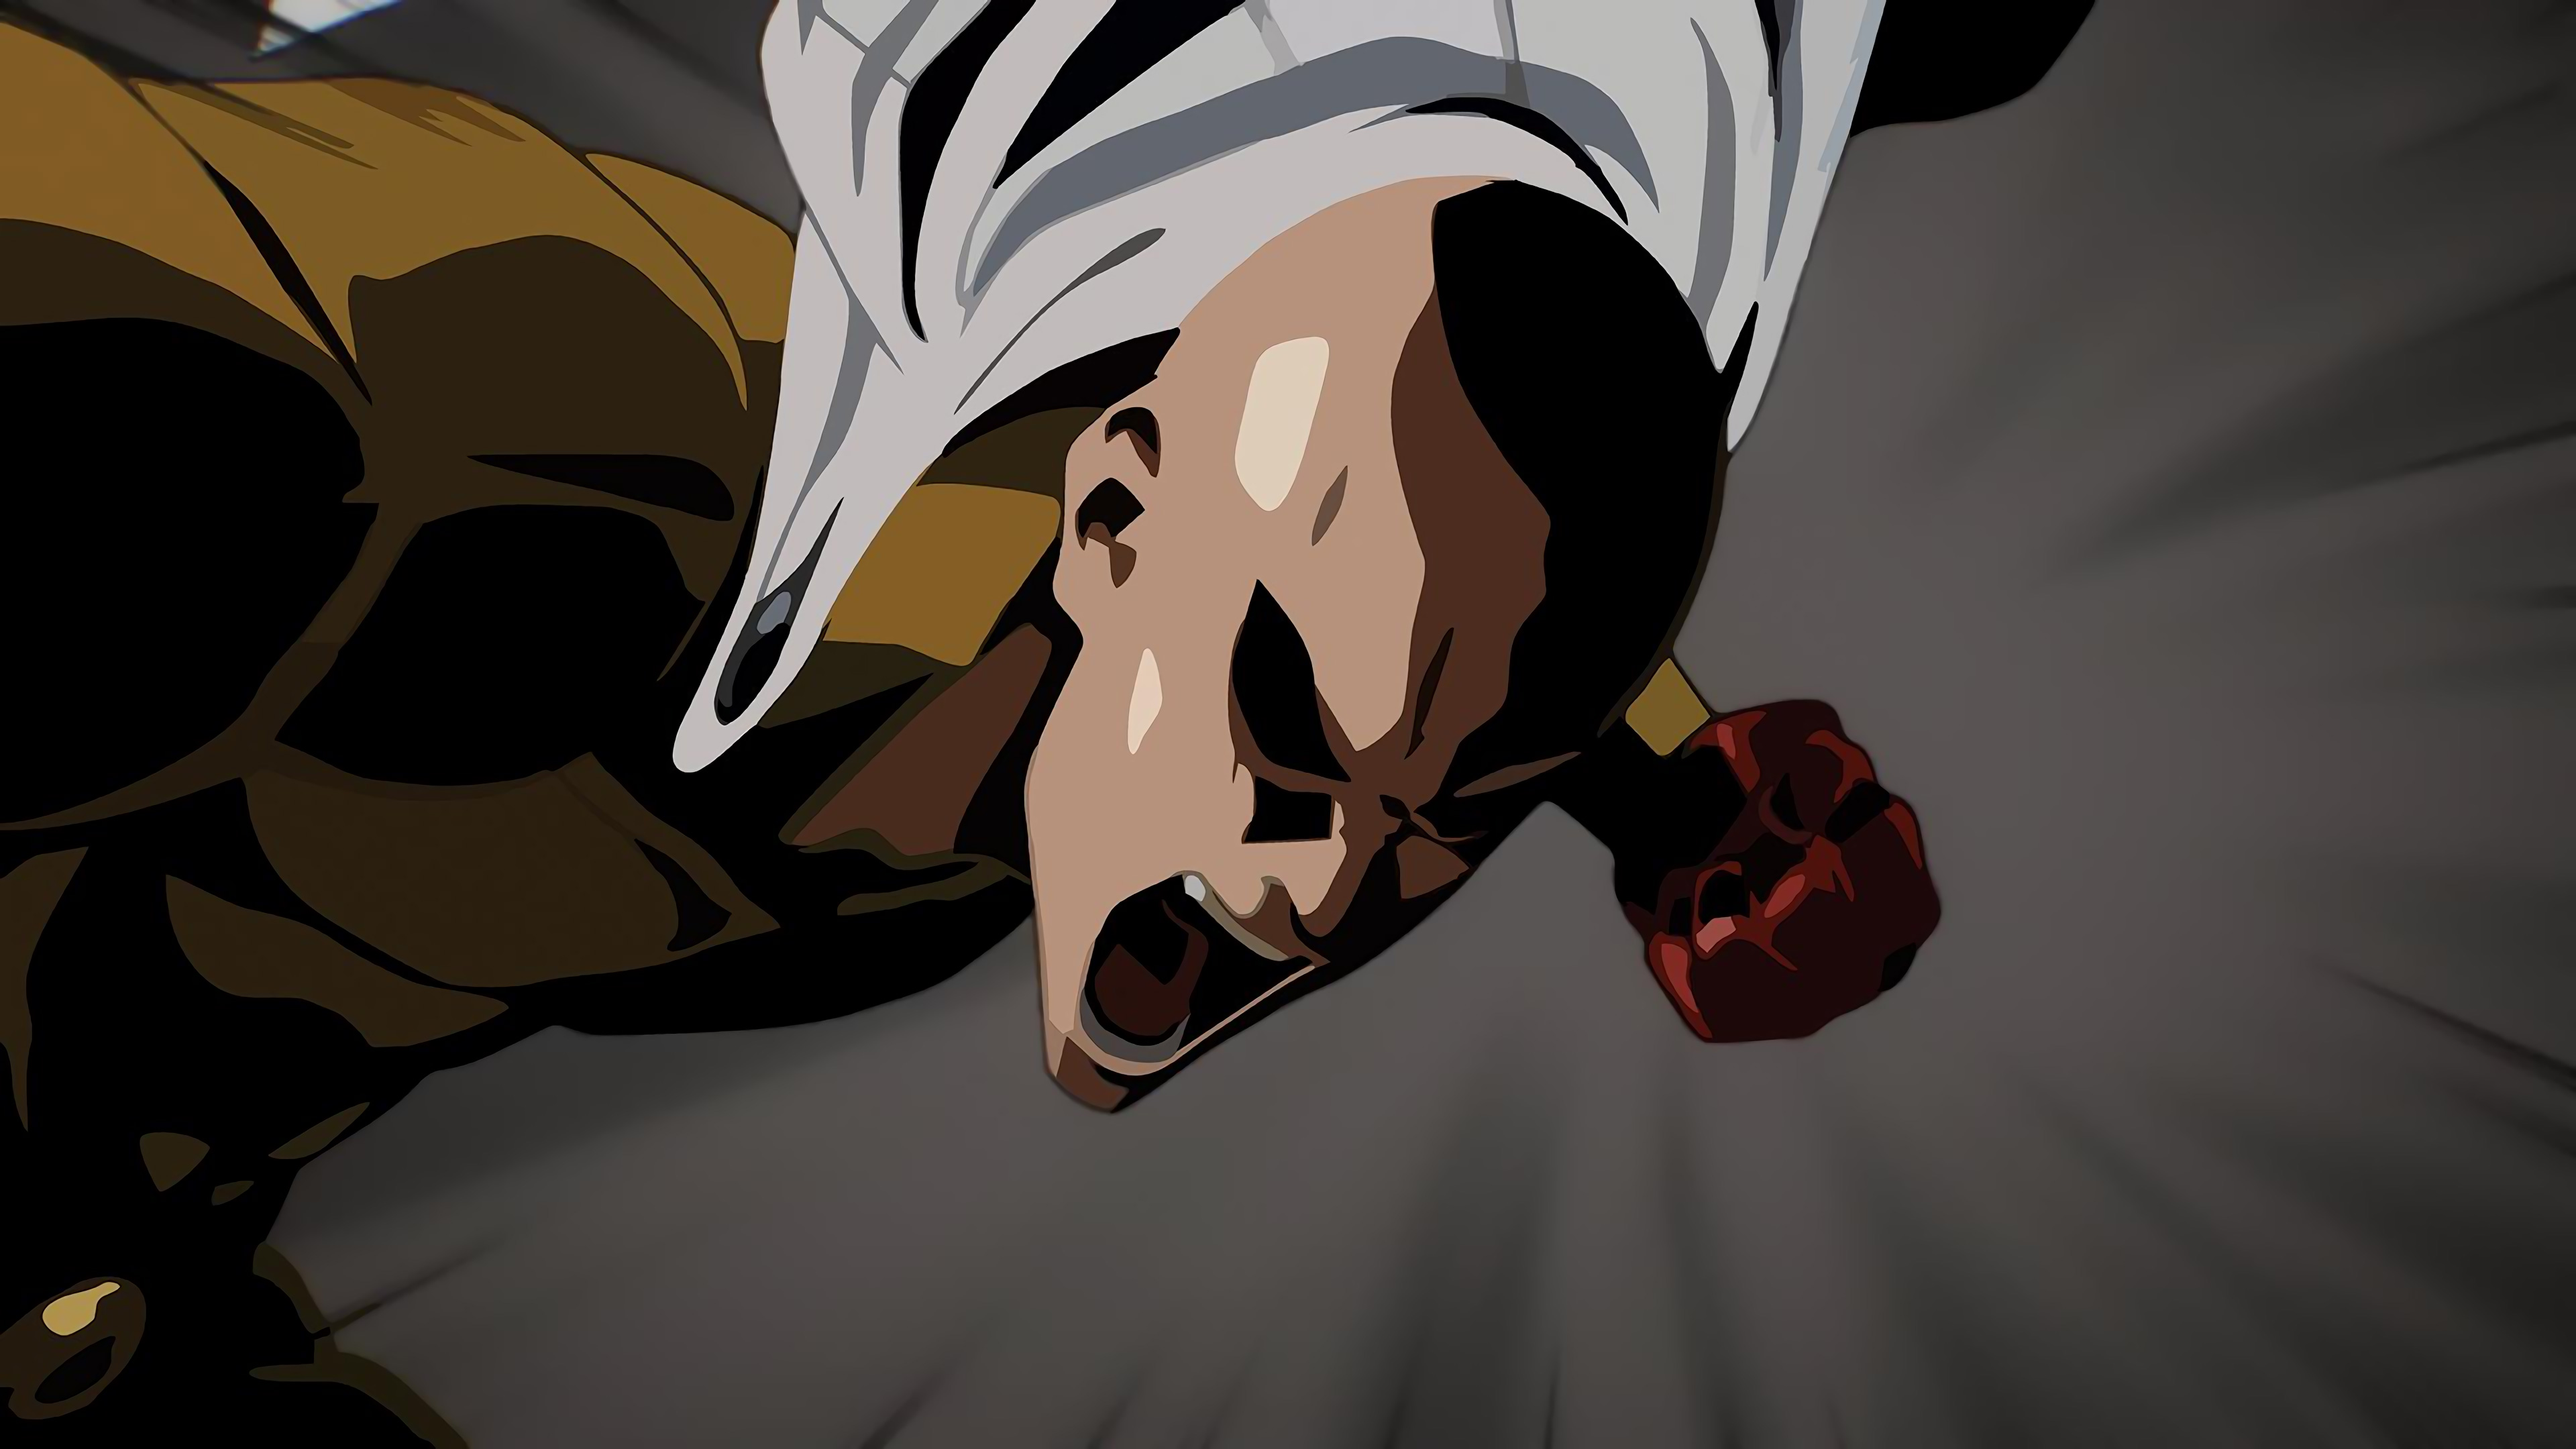 Wallpaper 4k One Punch Man Minimalism 4k 4k Wallpapers Anime